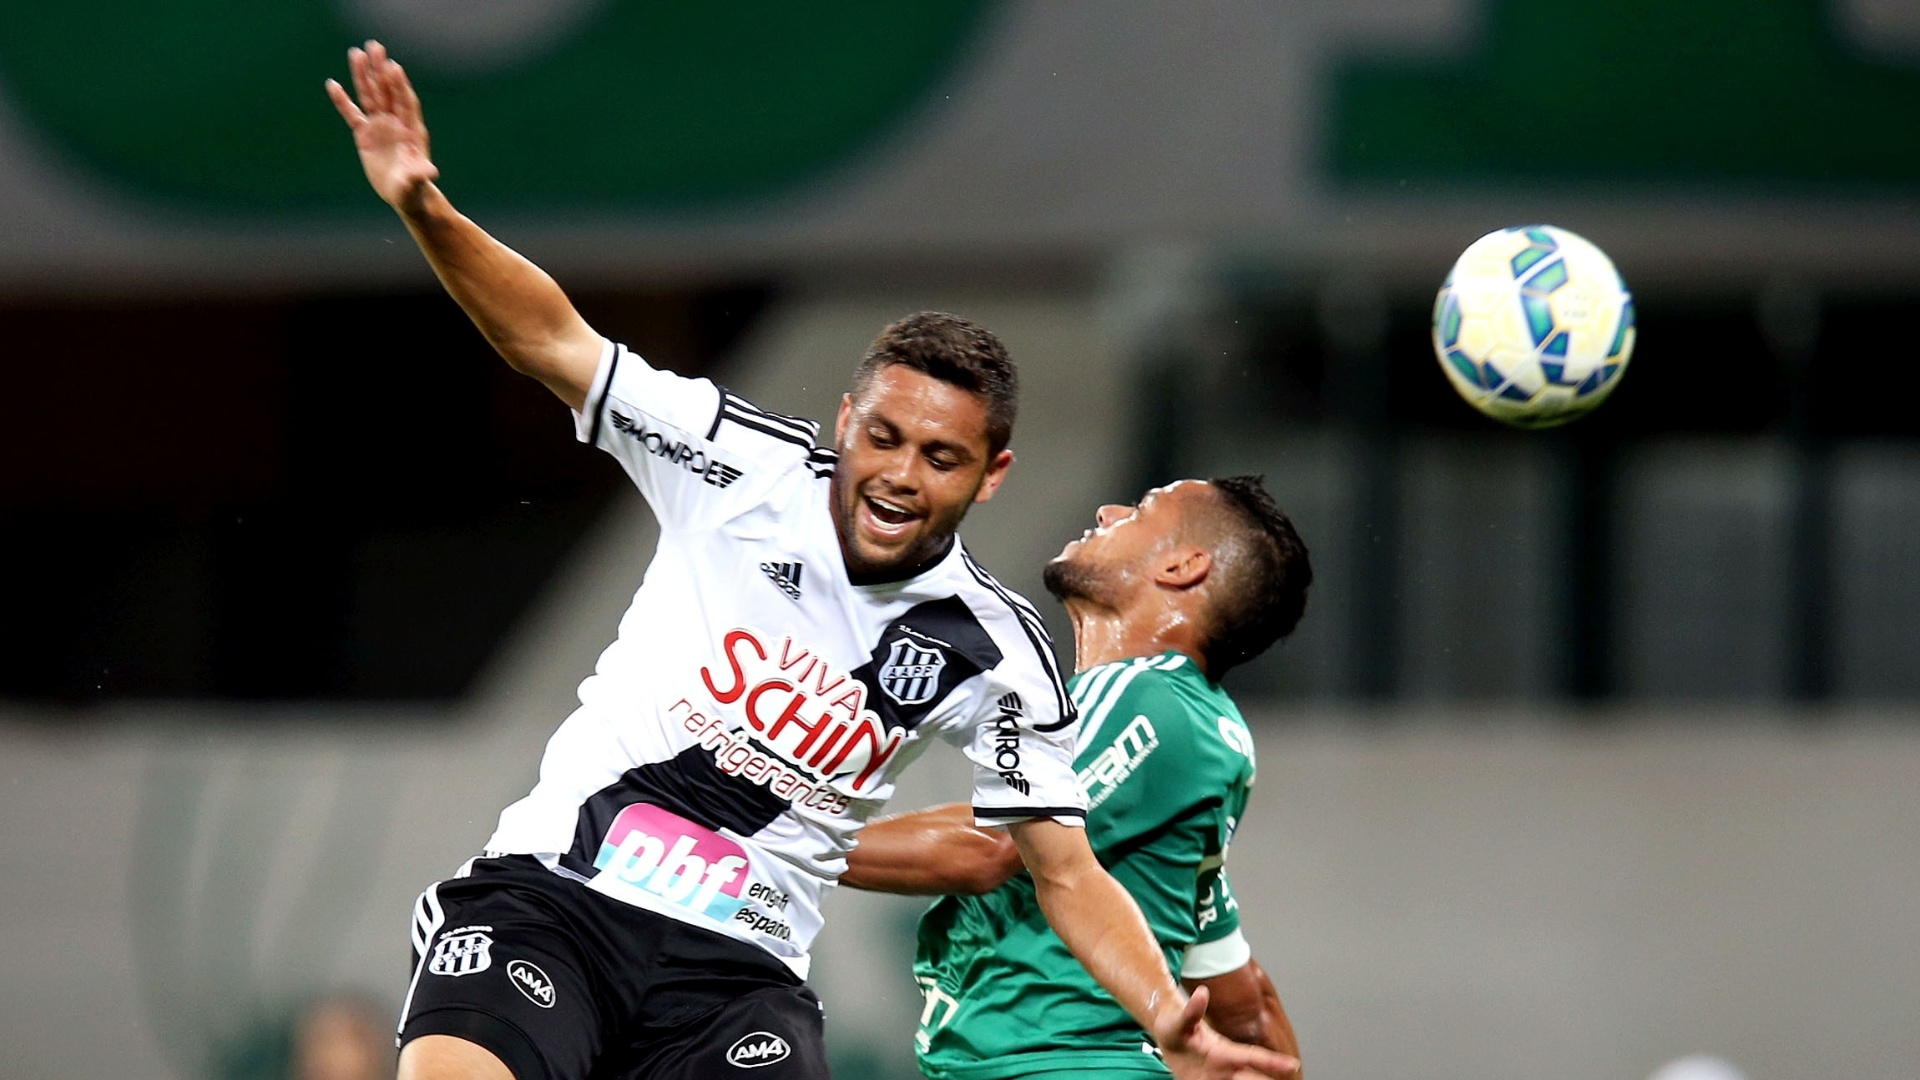 Jogadores disputam a bola pelo alto na partida entre Palmeiras e Ponte Preta pelo Campeonato Brasileiro